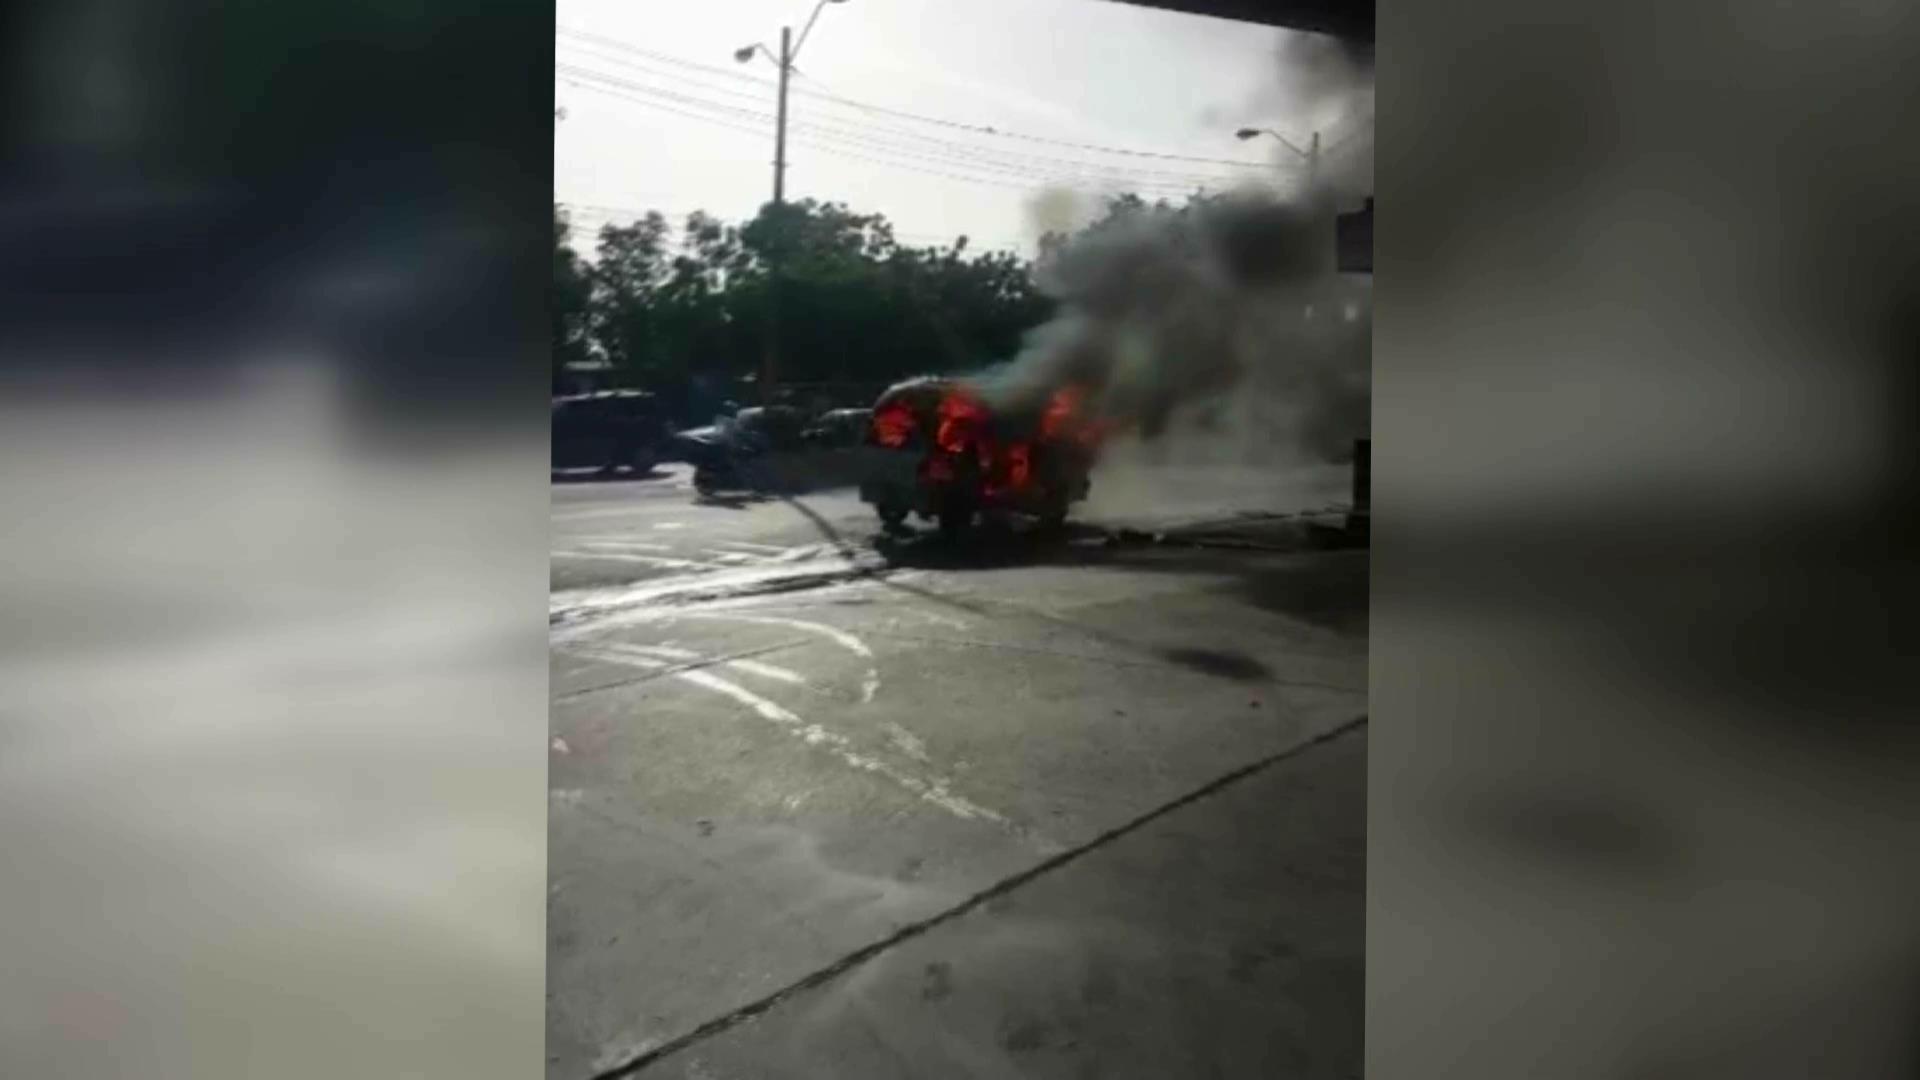 Muere mujer resultó quemada al explotar tanque de gas en transporte público